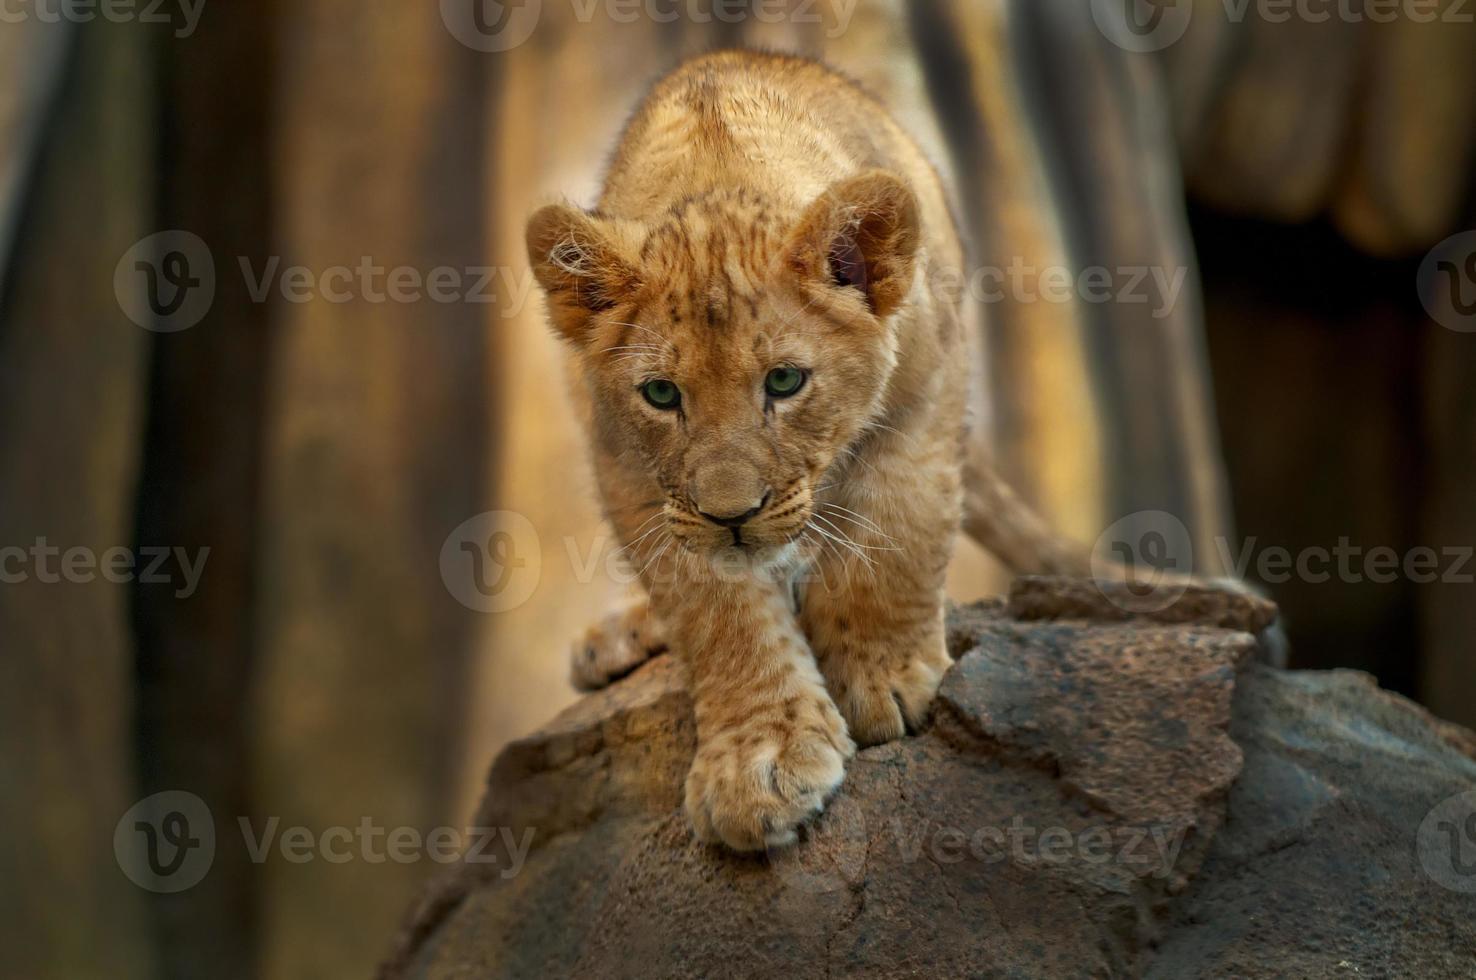 piccolo leone foto